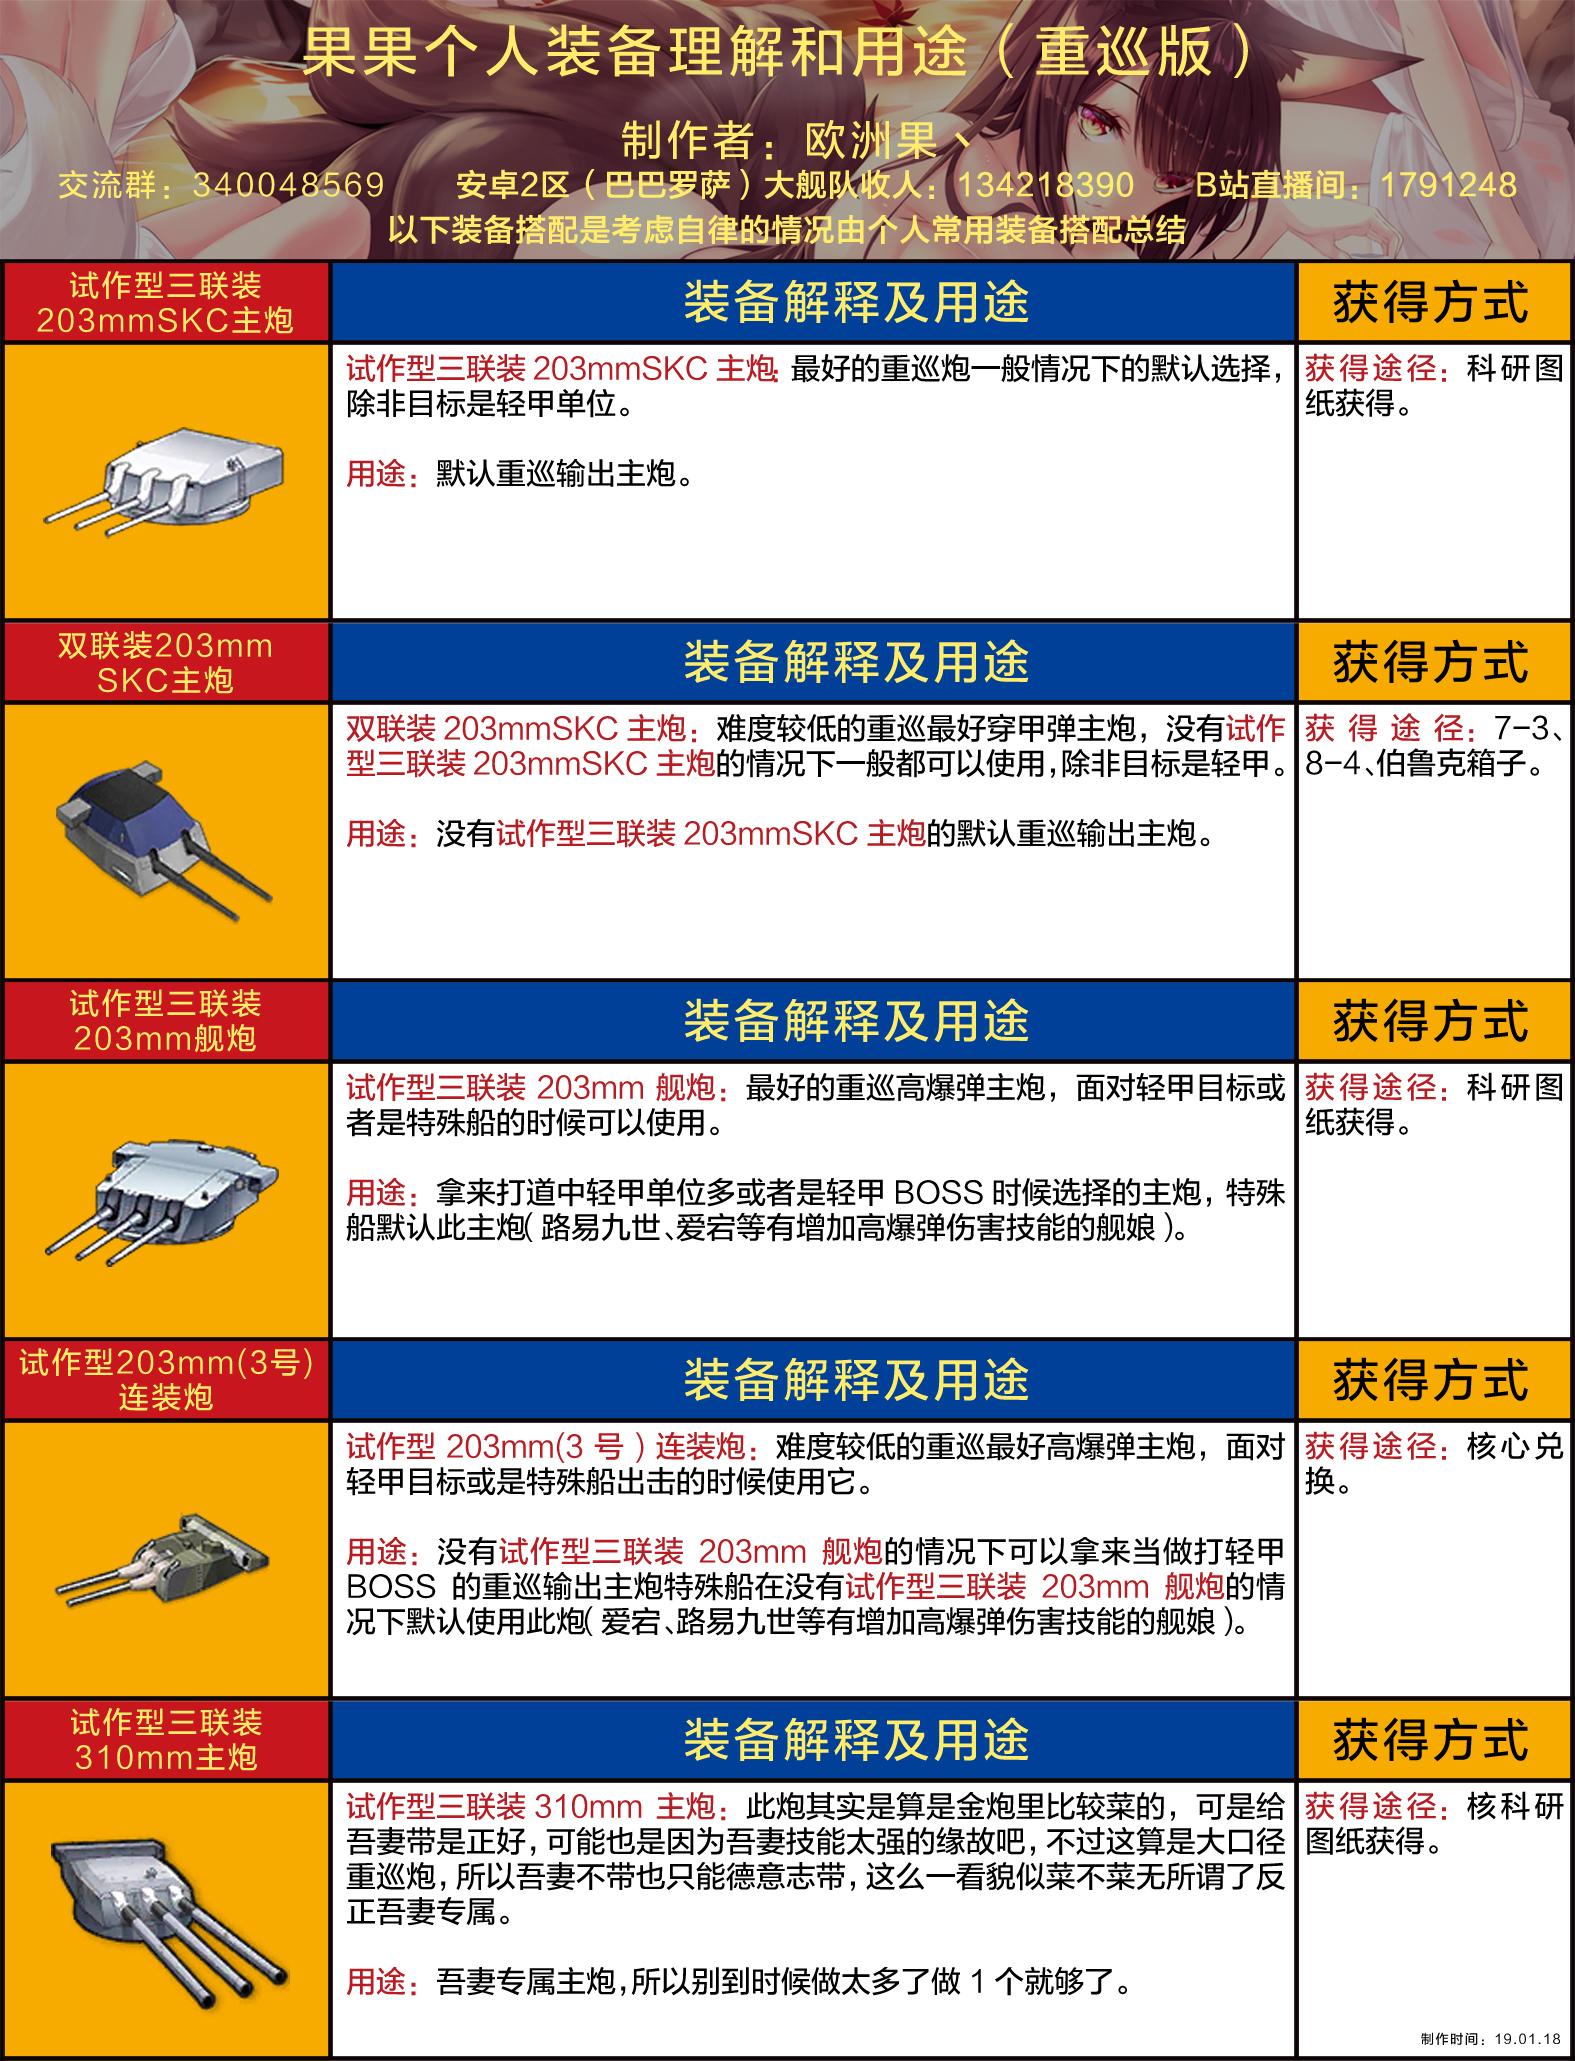 果果个人装备理解和用途(重巡版wiki).jpg